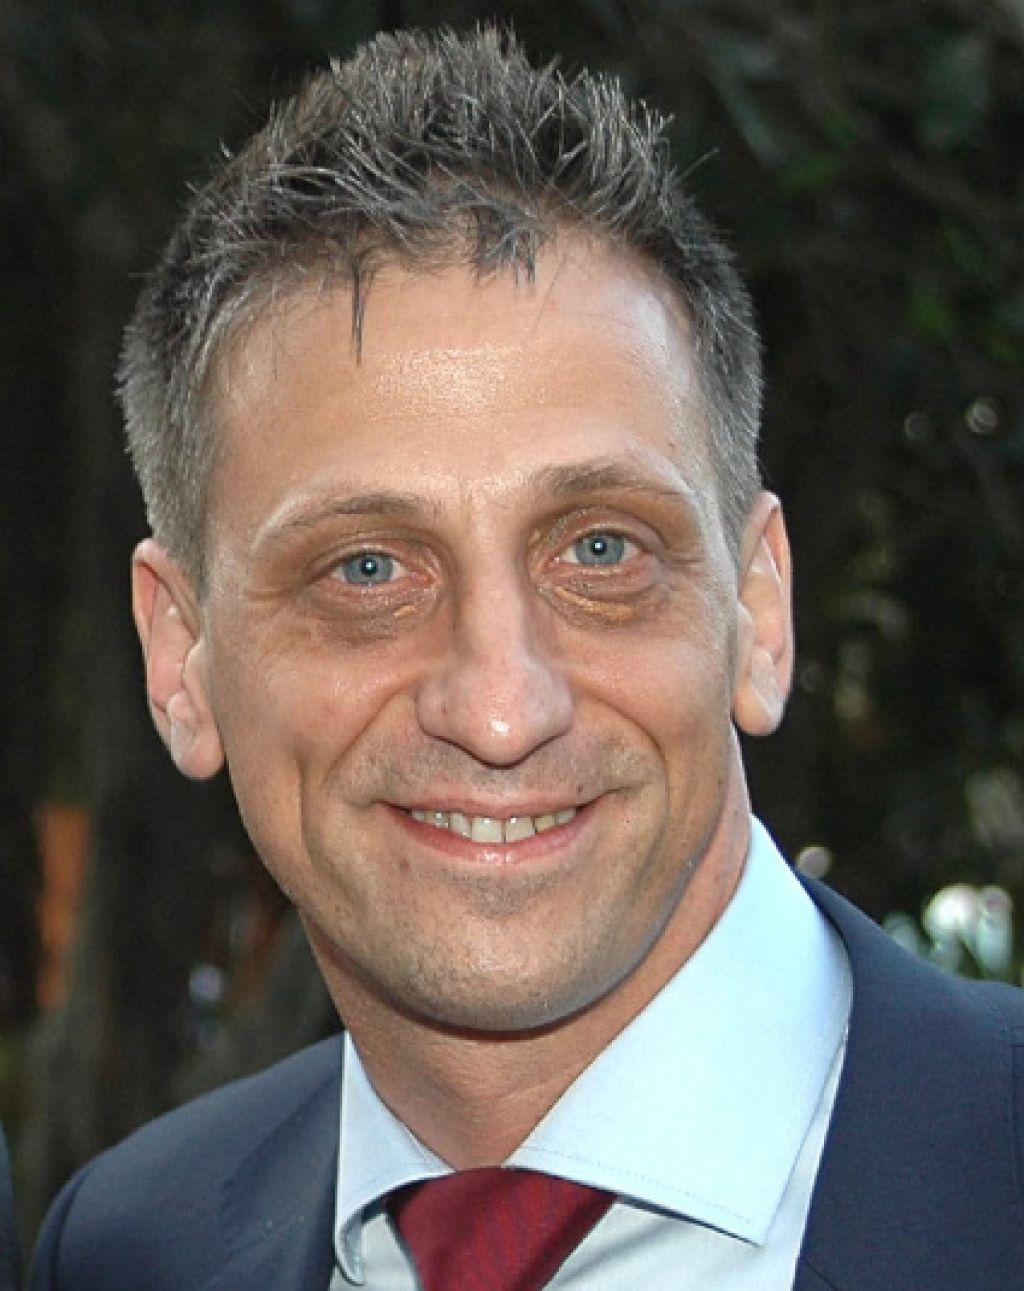 Ni nujno, da bo Peter S. privolil v testiranje v Ljubljani